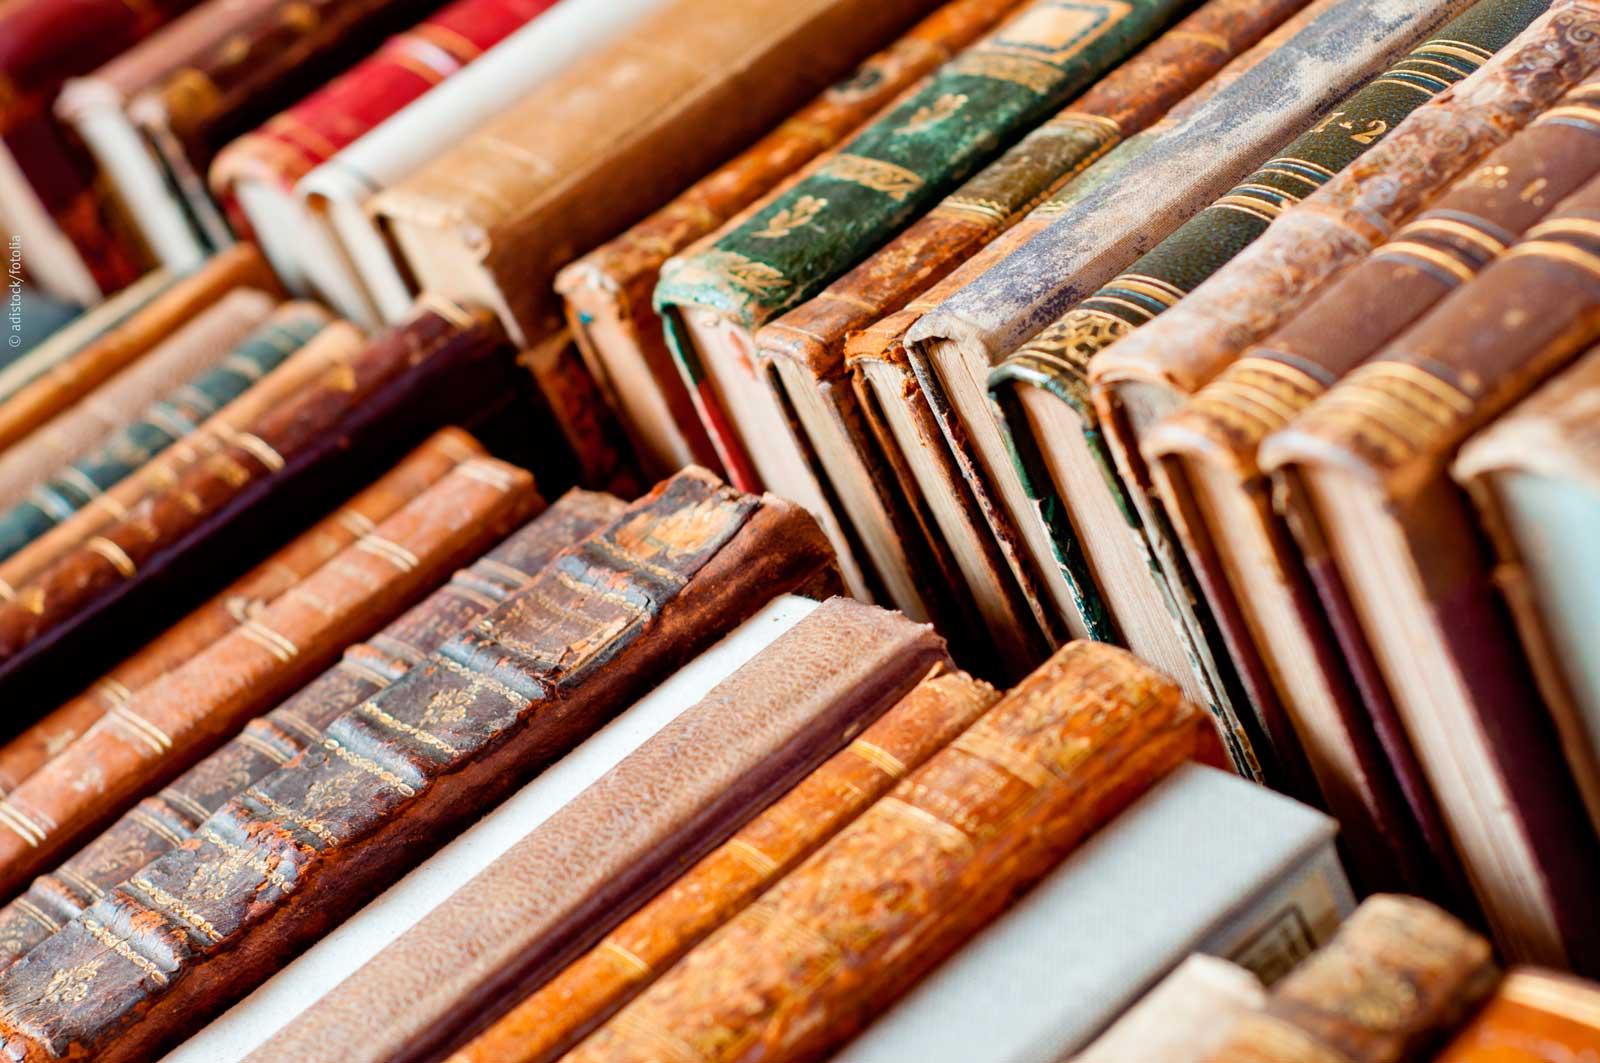 Alte Bücher, schön aufgereiht